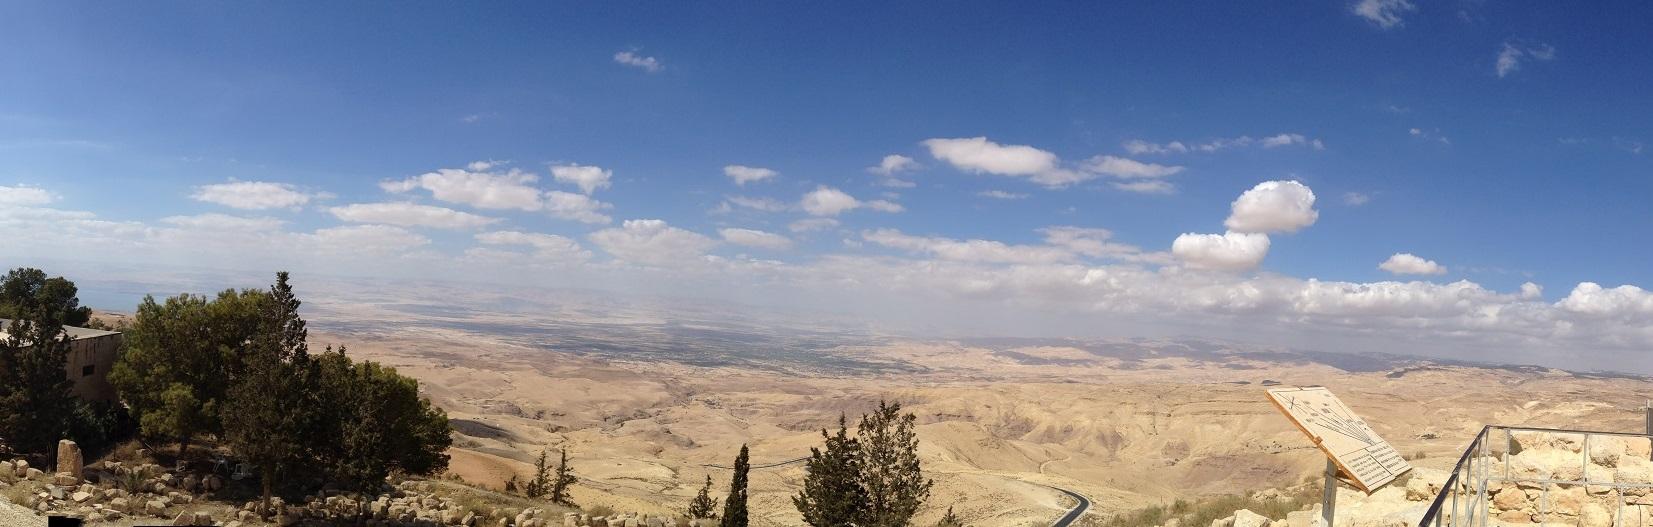 上图:从亚巴琳山脉的尼波山向西远眺应许之地。